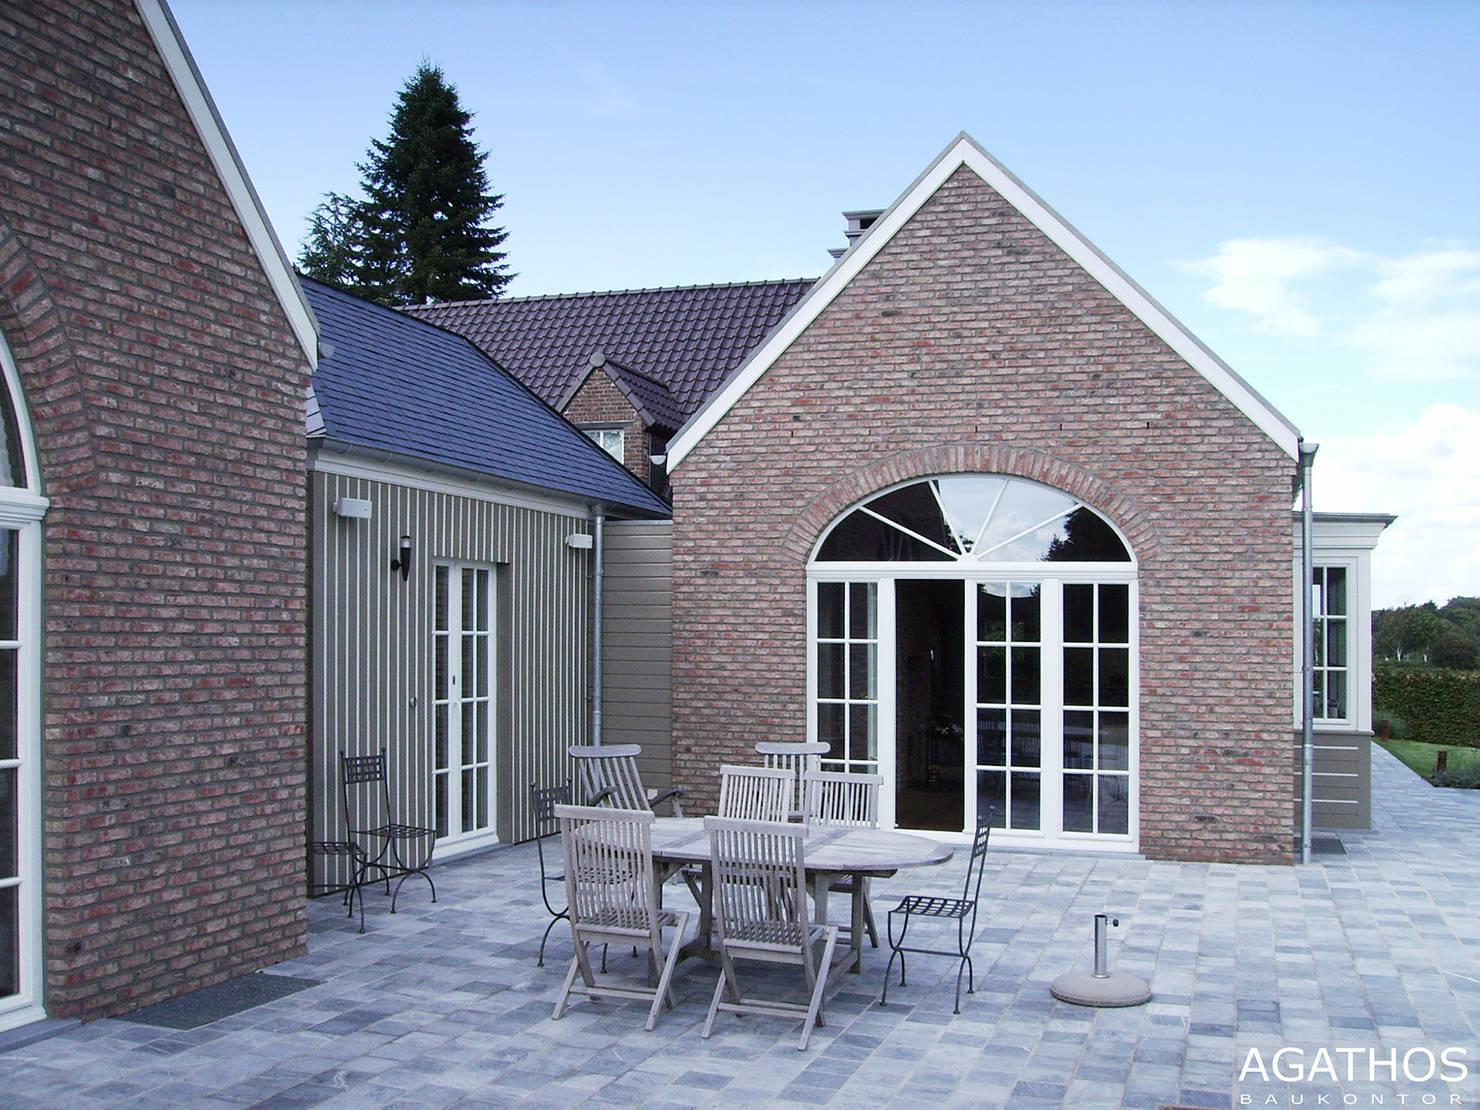 Wunderschönes Landhaus im flämischen Stil